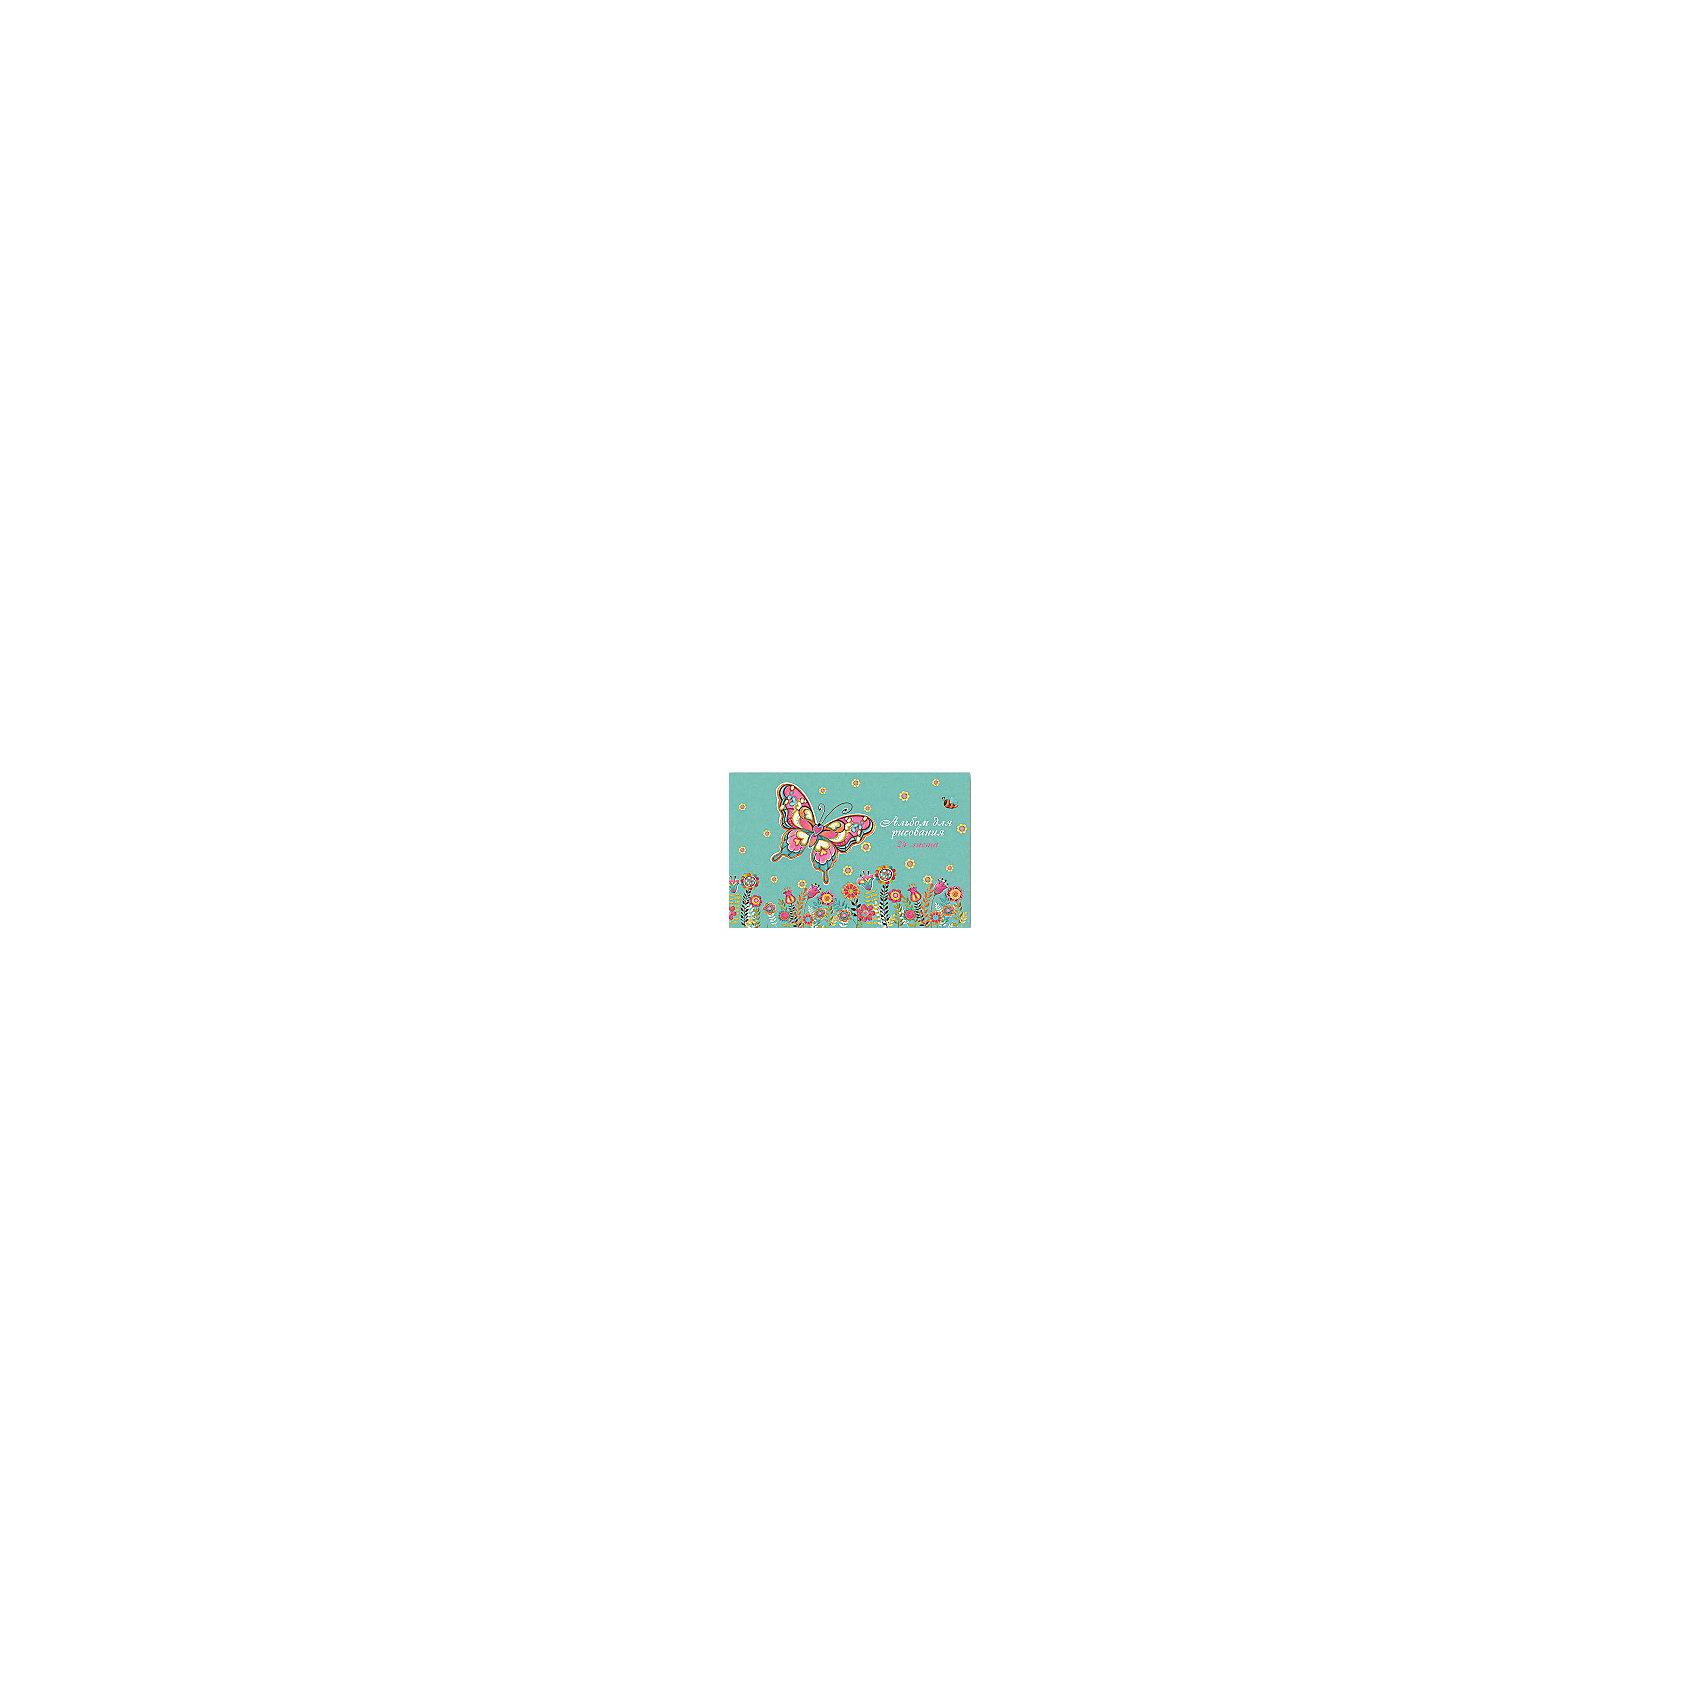 Феникс+ Альбом для рисования Бабочка на бирюзе, 24л. black note альбом для рисования на черной бумаге